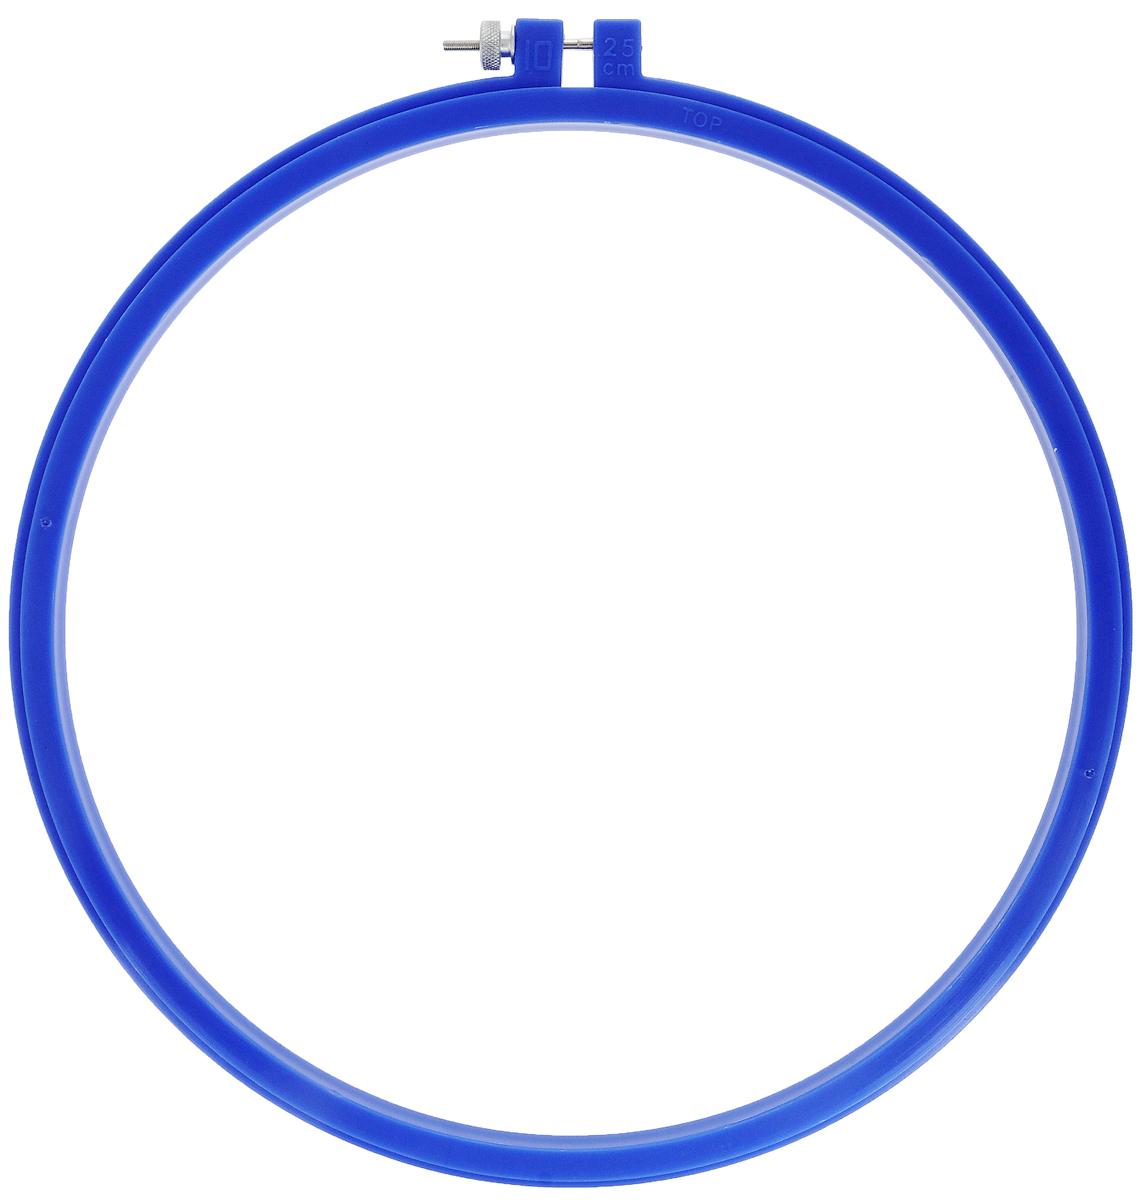 Пяльцы для вышивания Pony, цвет: синий, диаметр 25 см.87808Пяльцы просто незаменимы для вышивки. Их основное назначение - держать материал в натянутом состоянии. Круглые пяльцы обычно употребляют в том случае, если размер вышивки небольшой. С помощью винта можно регулировать натяжение ткани в зависимости от ее плотности. Работа, сделанная своими руками, создаст особый уют и атмосферу в доме и долгие годы будет радовать вас и ваших близких. А подарок, выполненный собственноручно, станет самым ценным для друзей и знакомых.